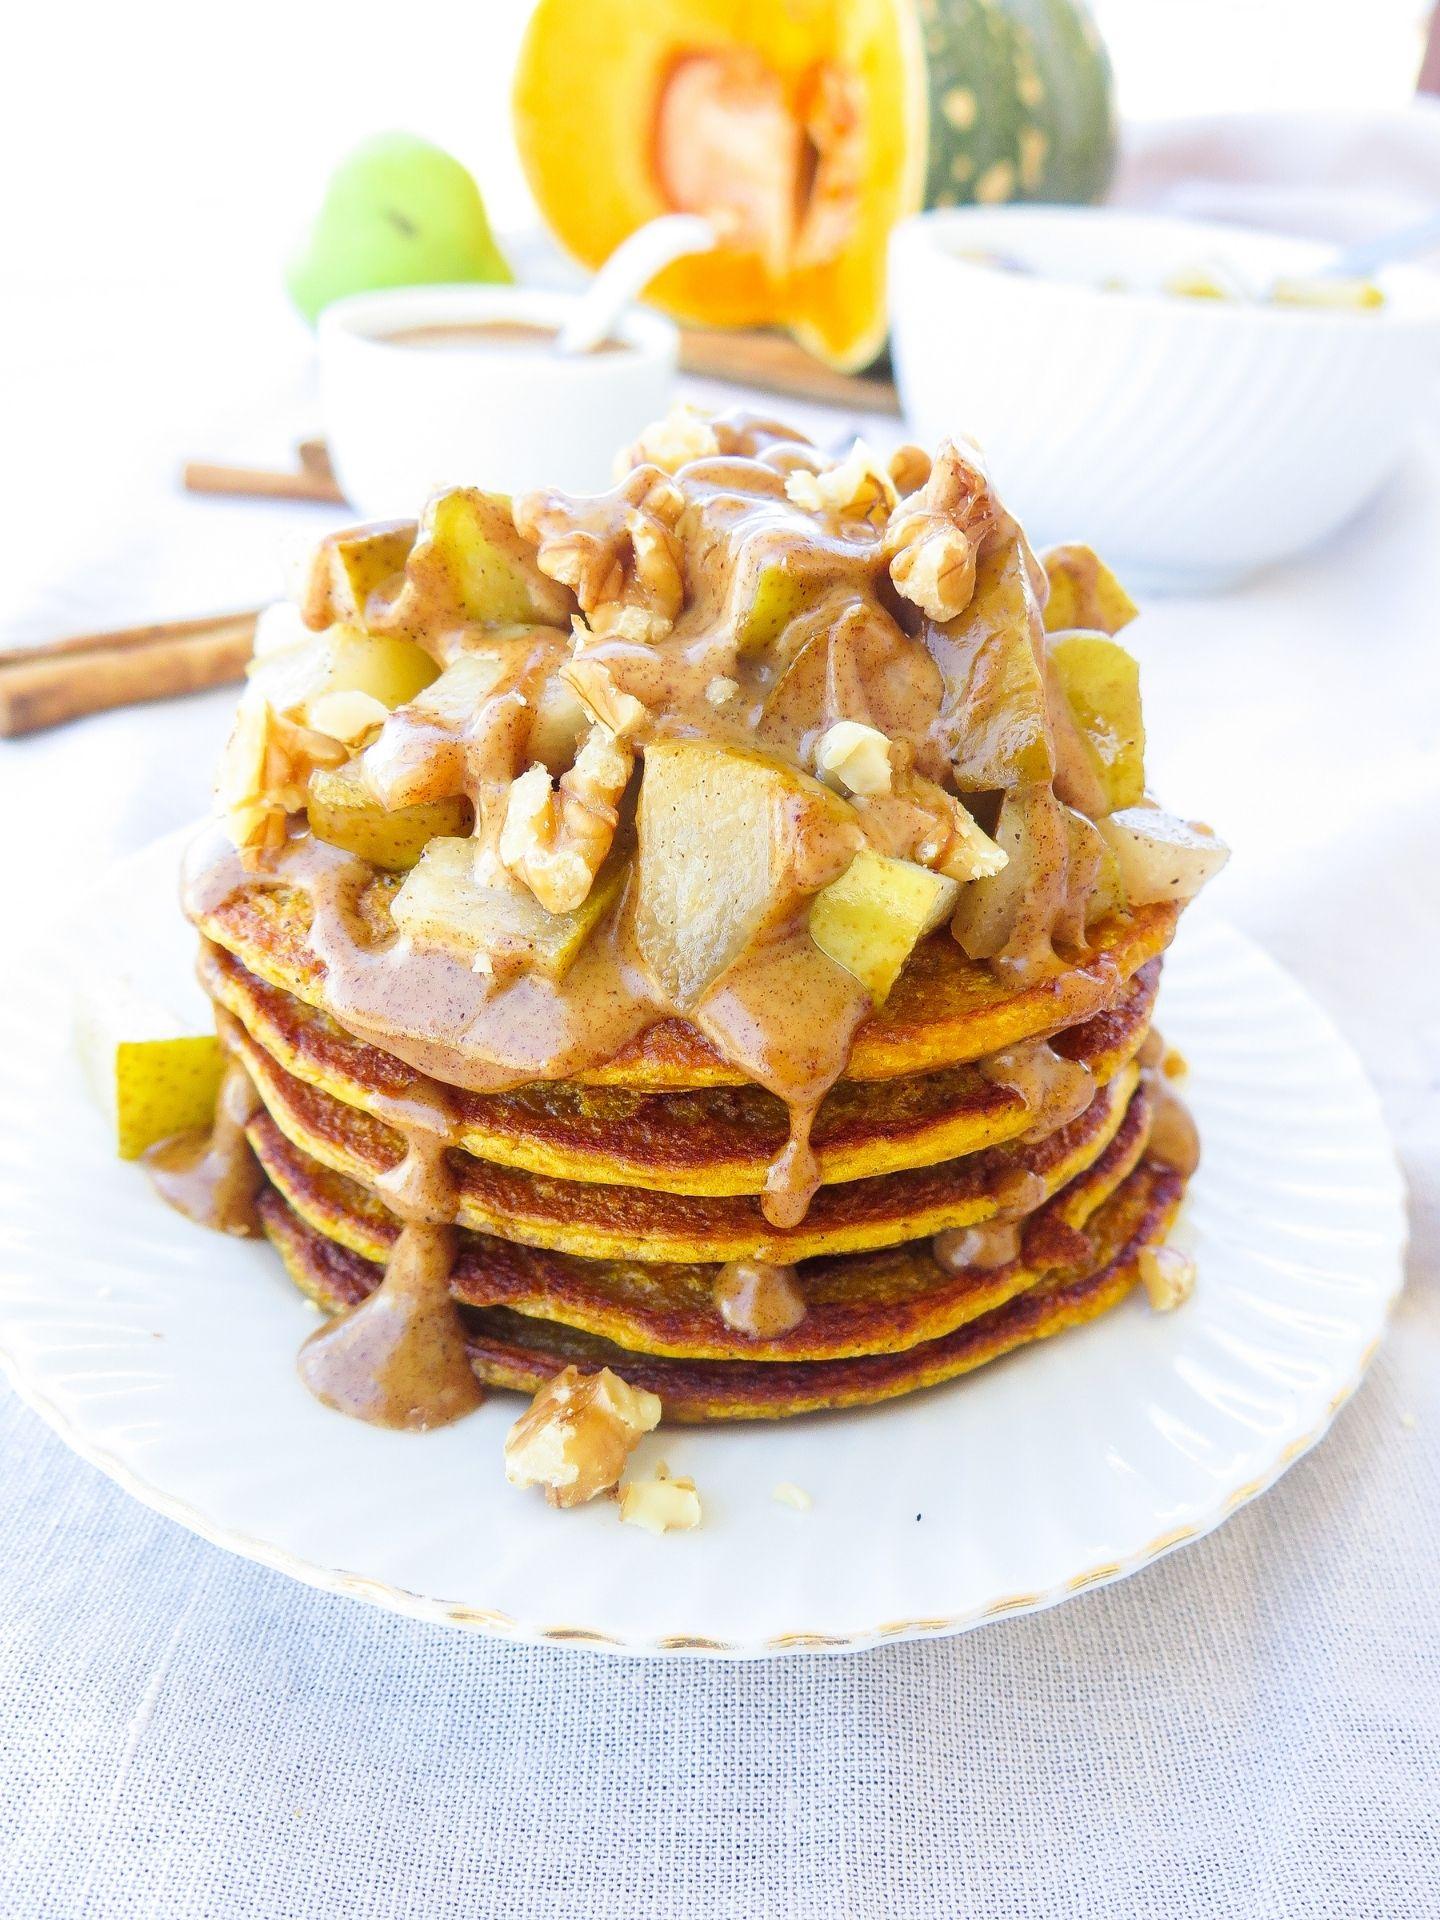 Kürbis Pancakes mit Ahorn Birnen und Zimt Karamel Sauce